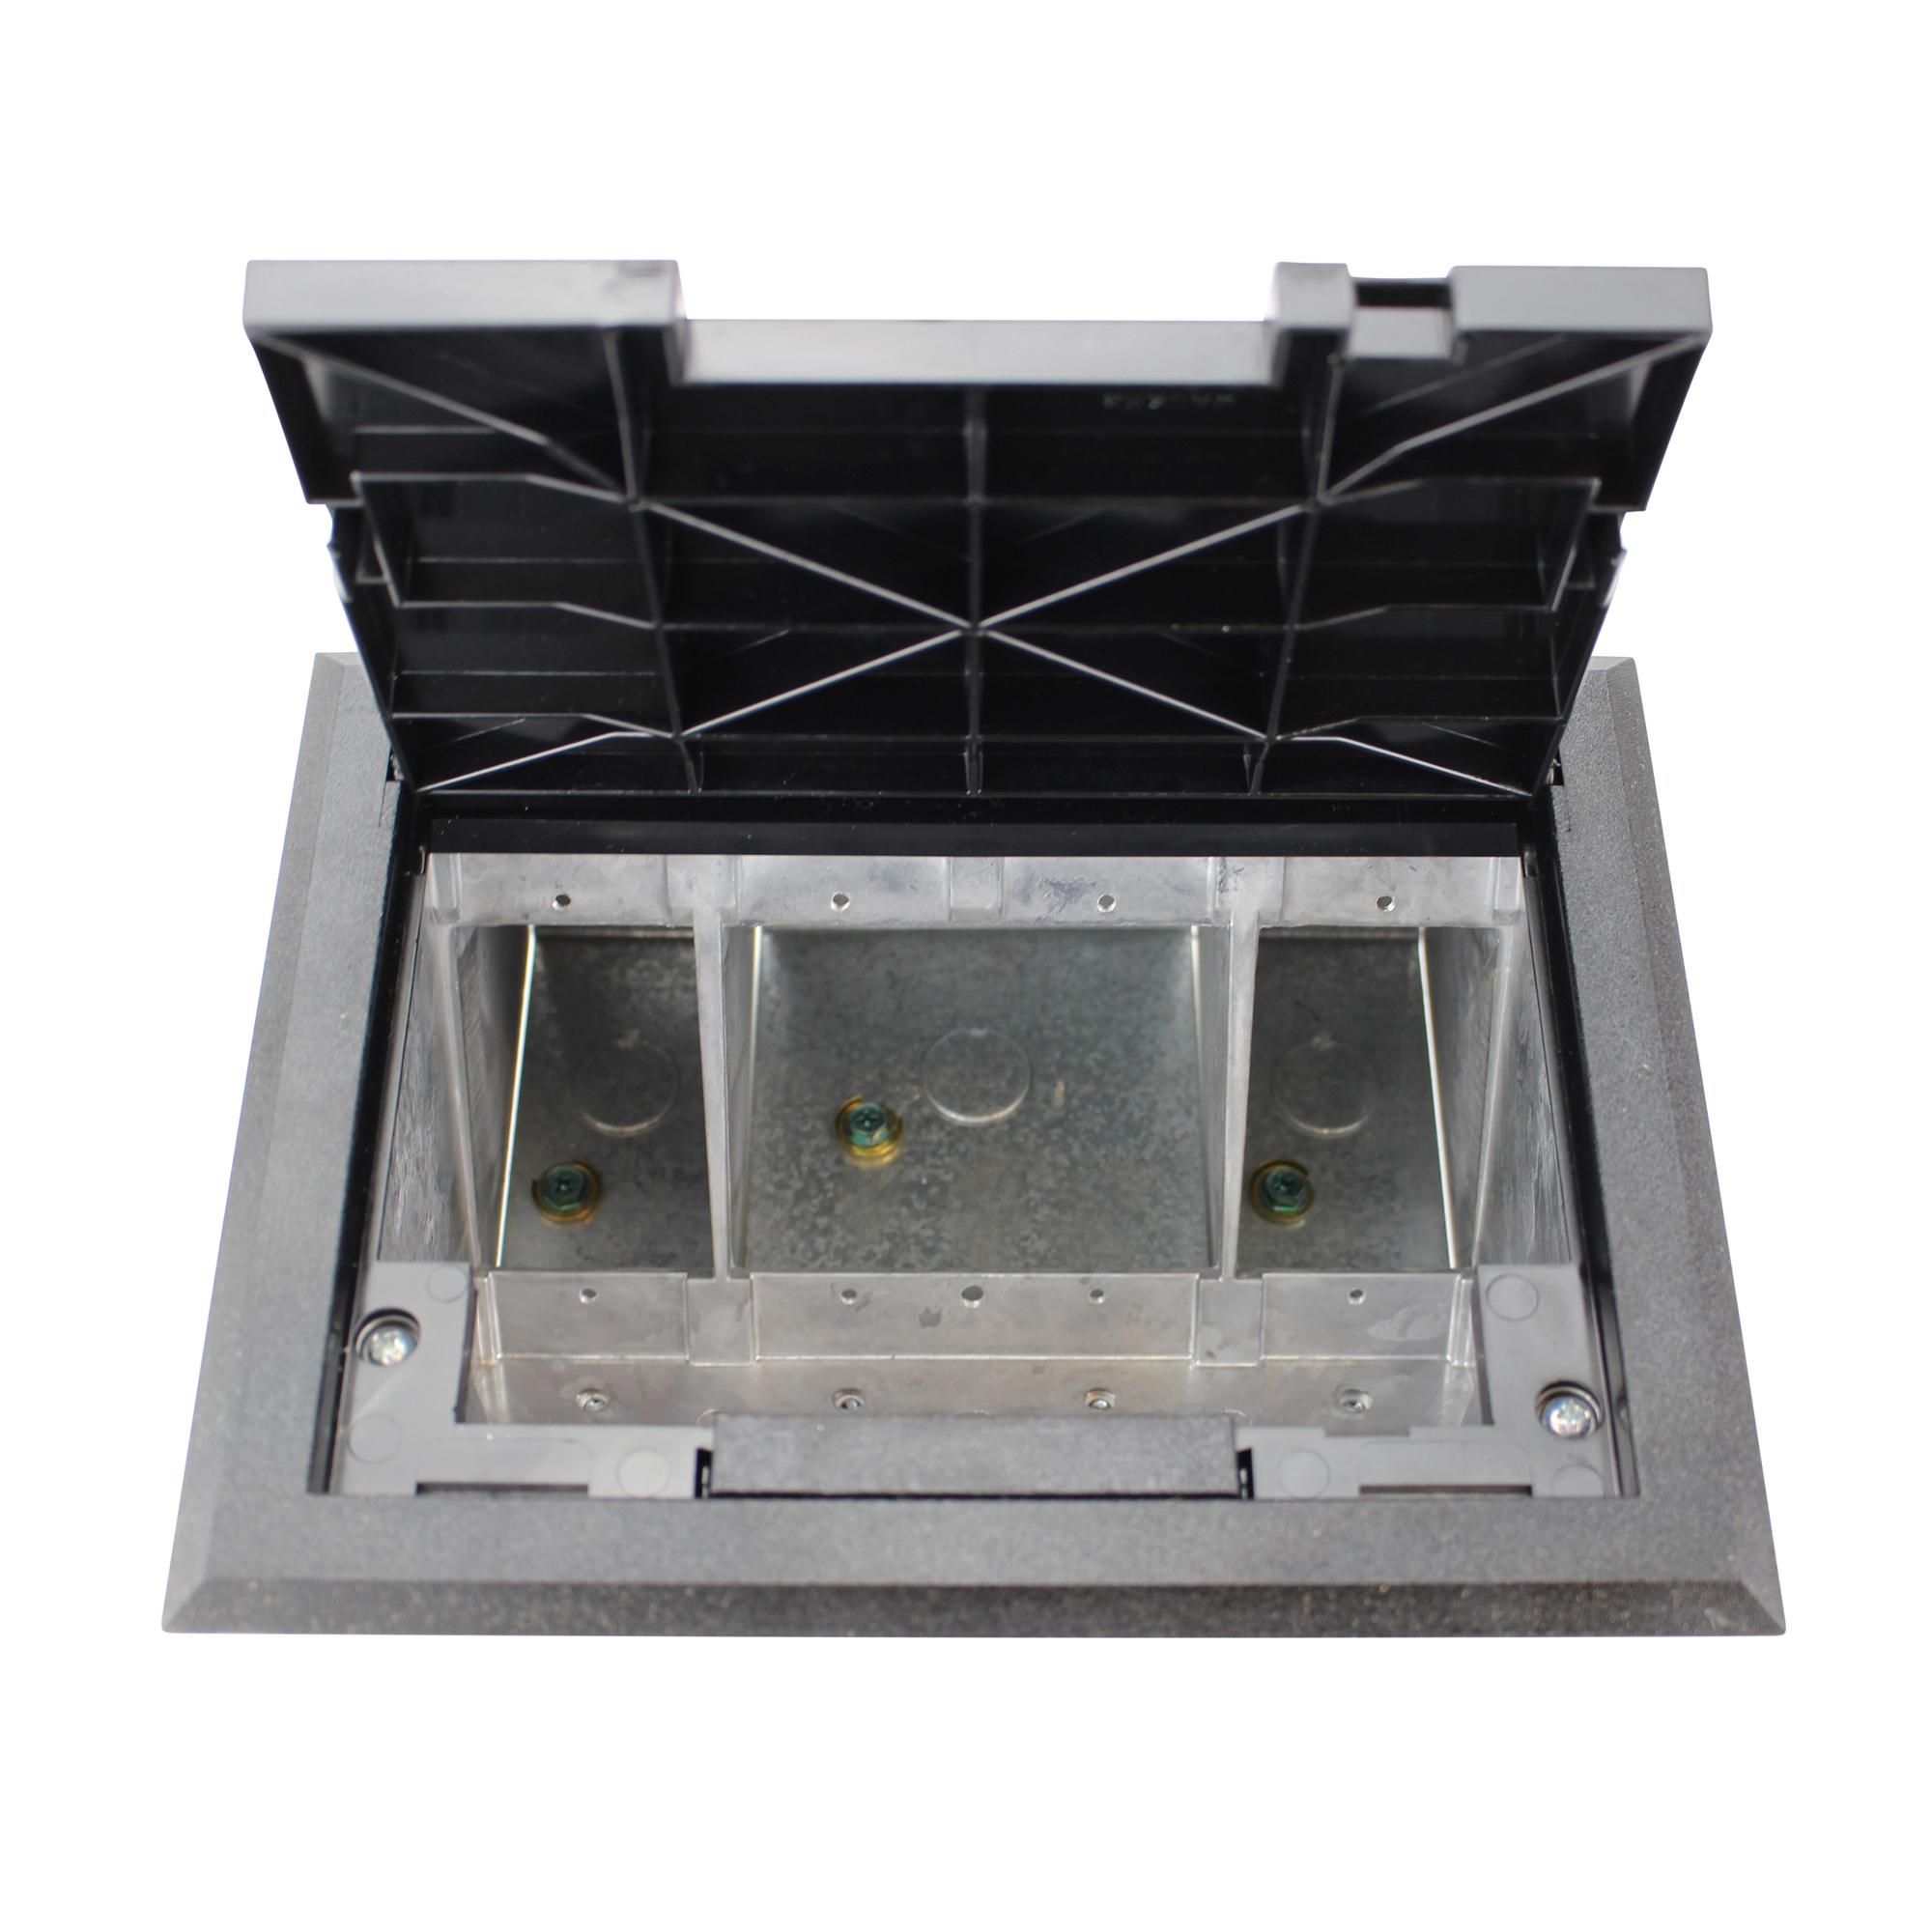 Wiremold Legrand Af1 Kt Raised Floor Box With Black Tile